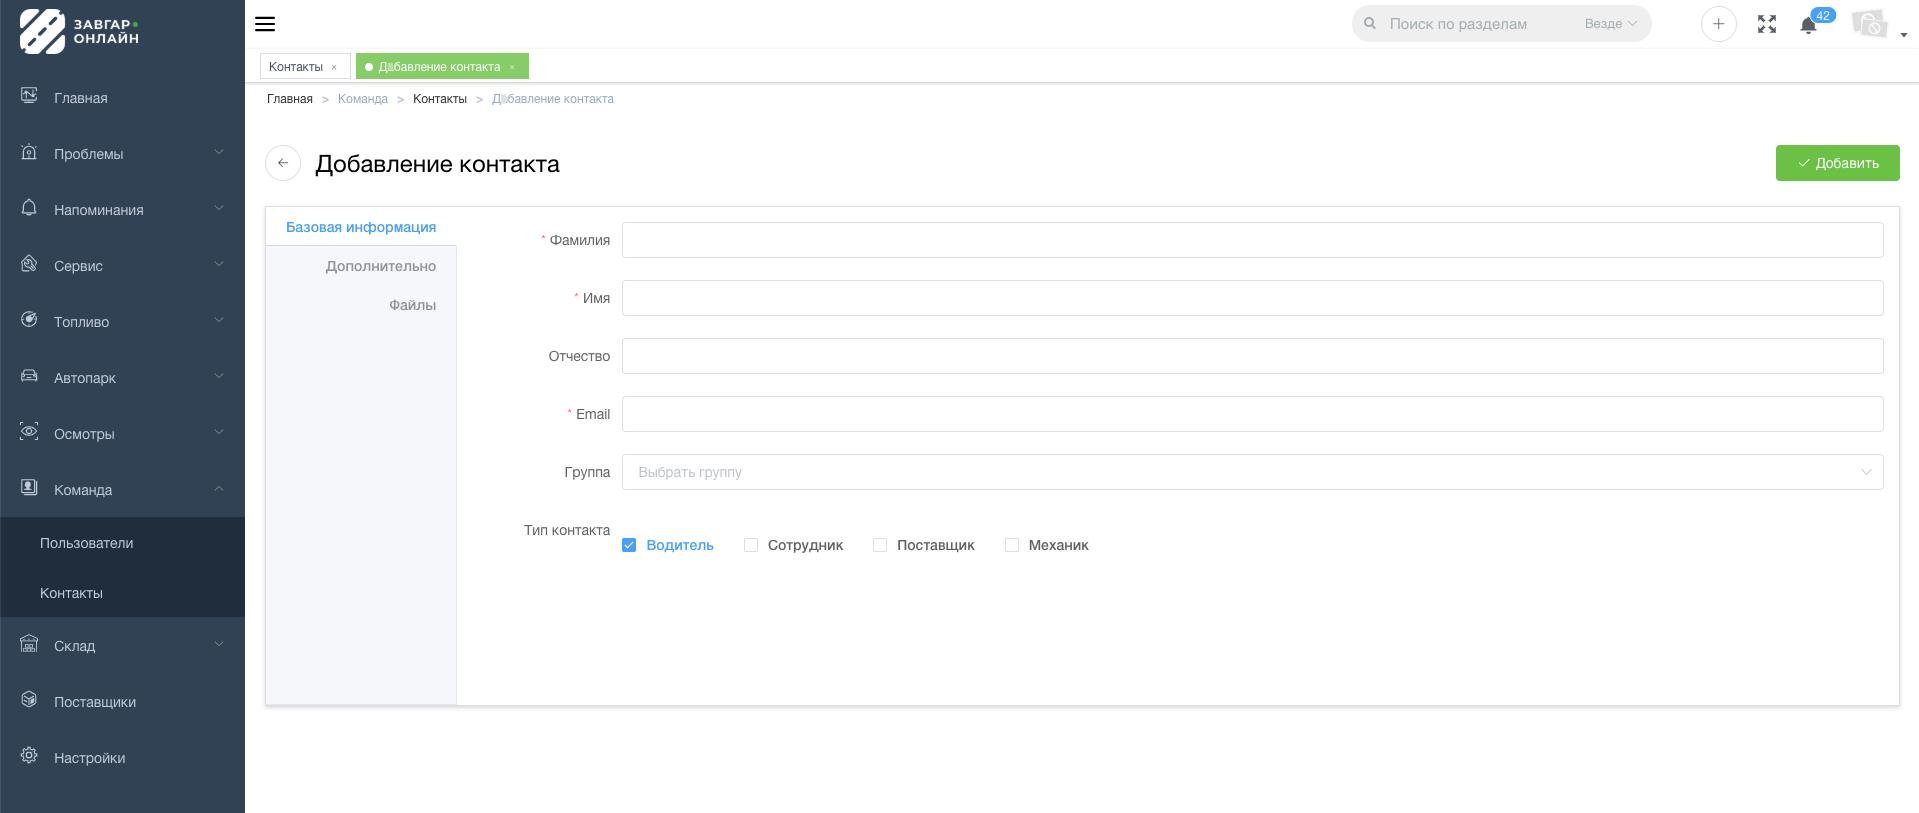 Как добавить контакт в системе Завгар Онлайн